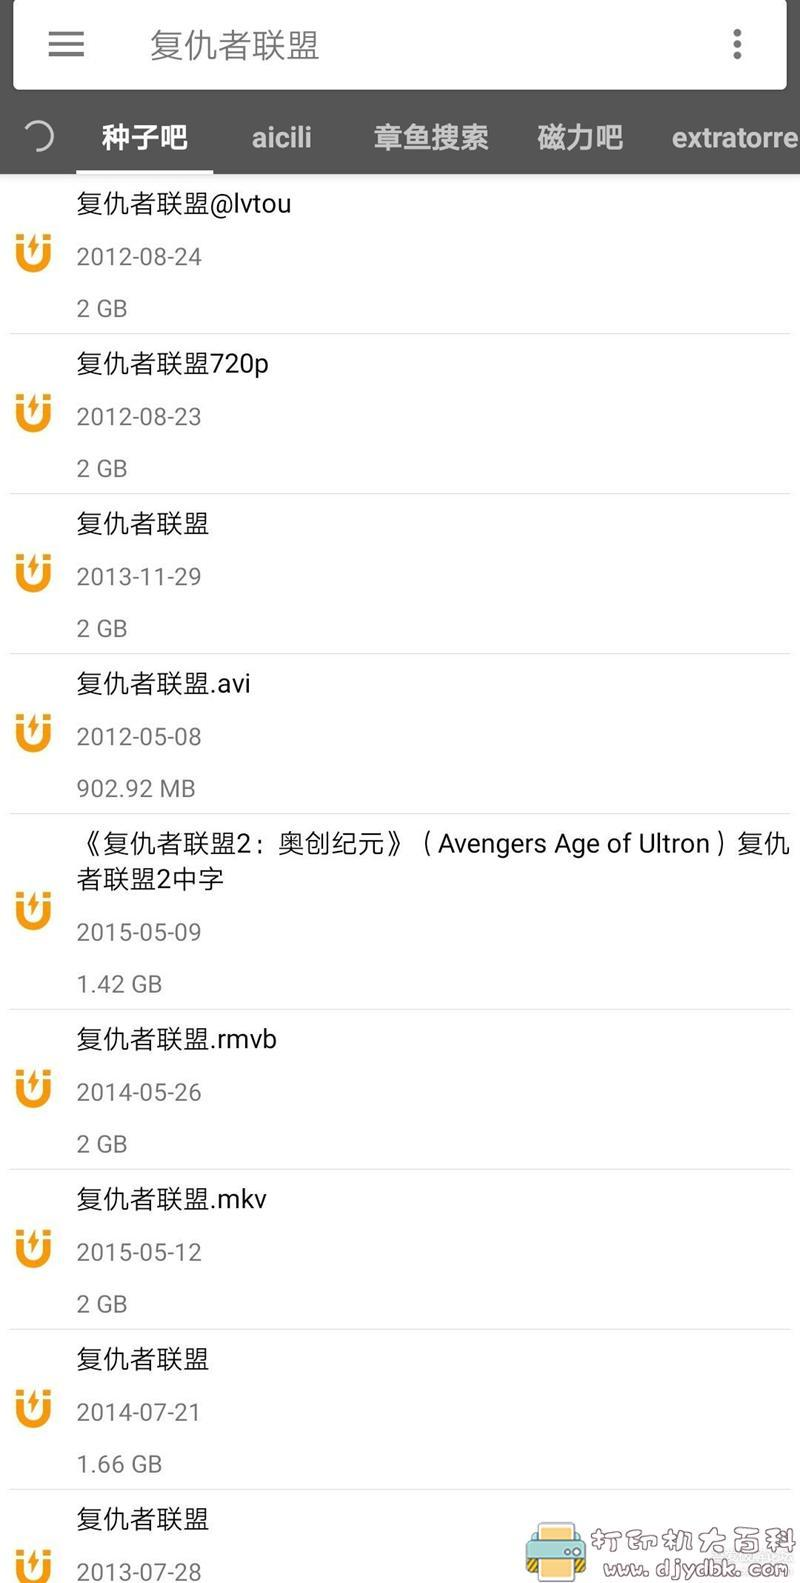 [Android]磁力搜索神器:鲨鱼搜索v1.32最新去广告 高级版 配图 No.2